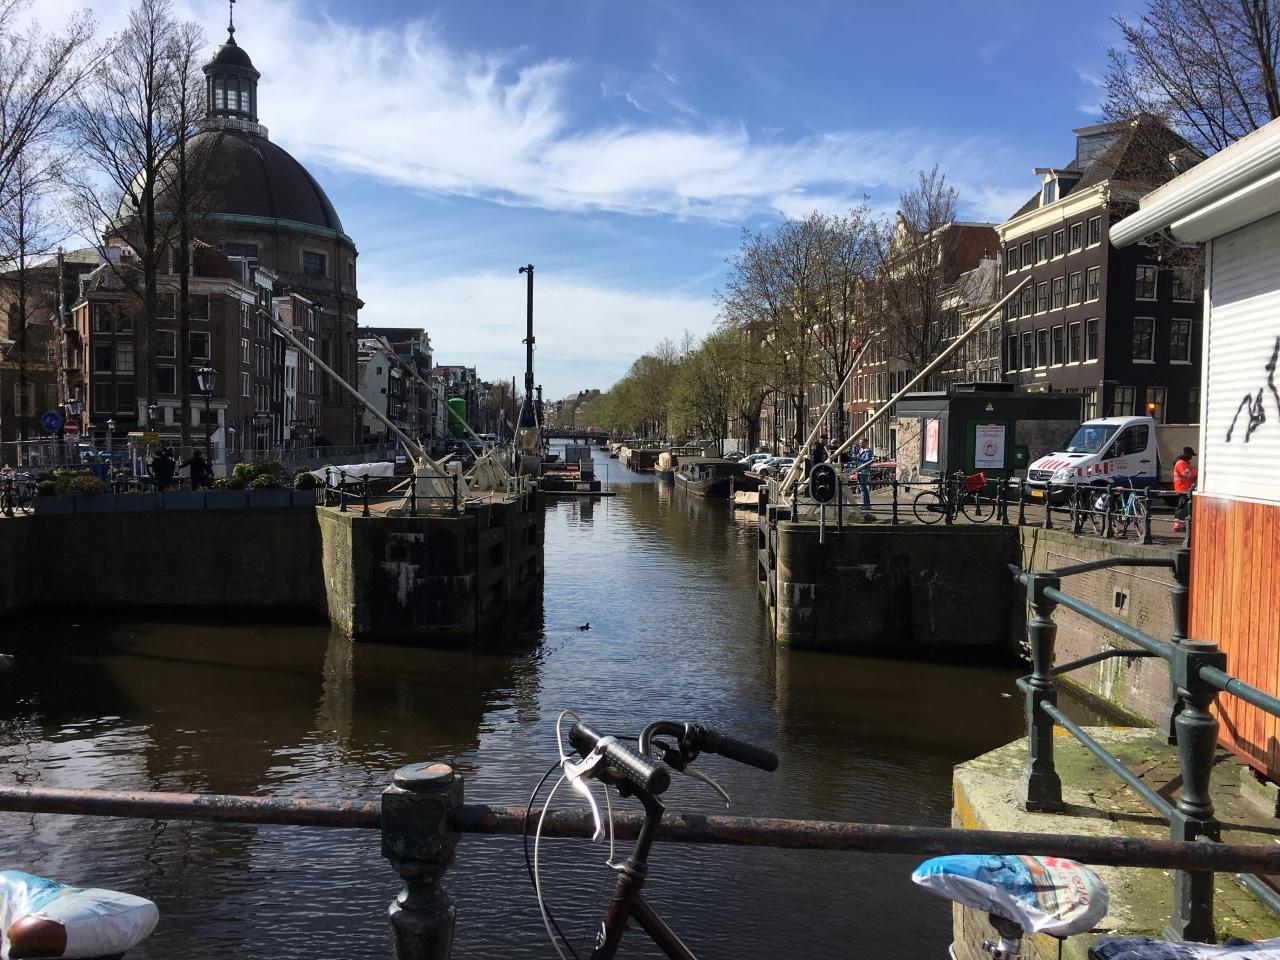 25/3 – En lördag i Amsterdam